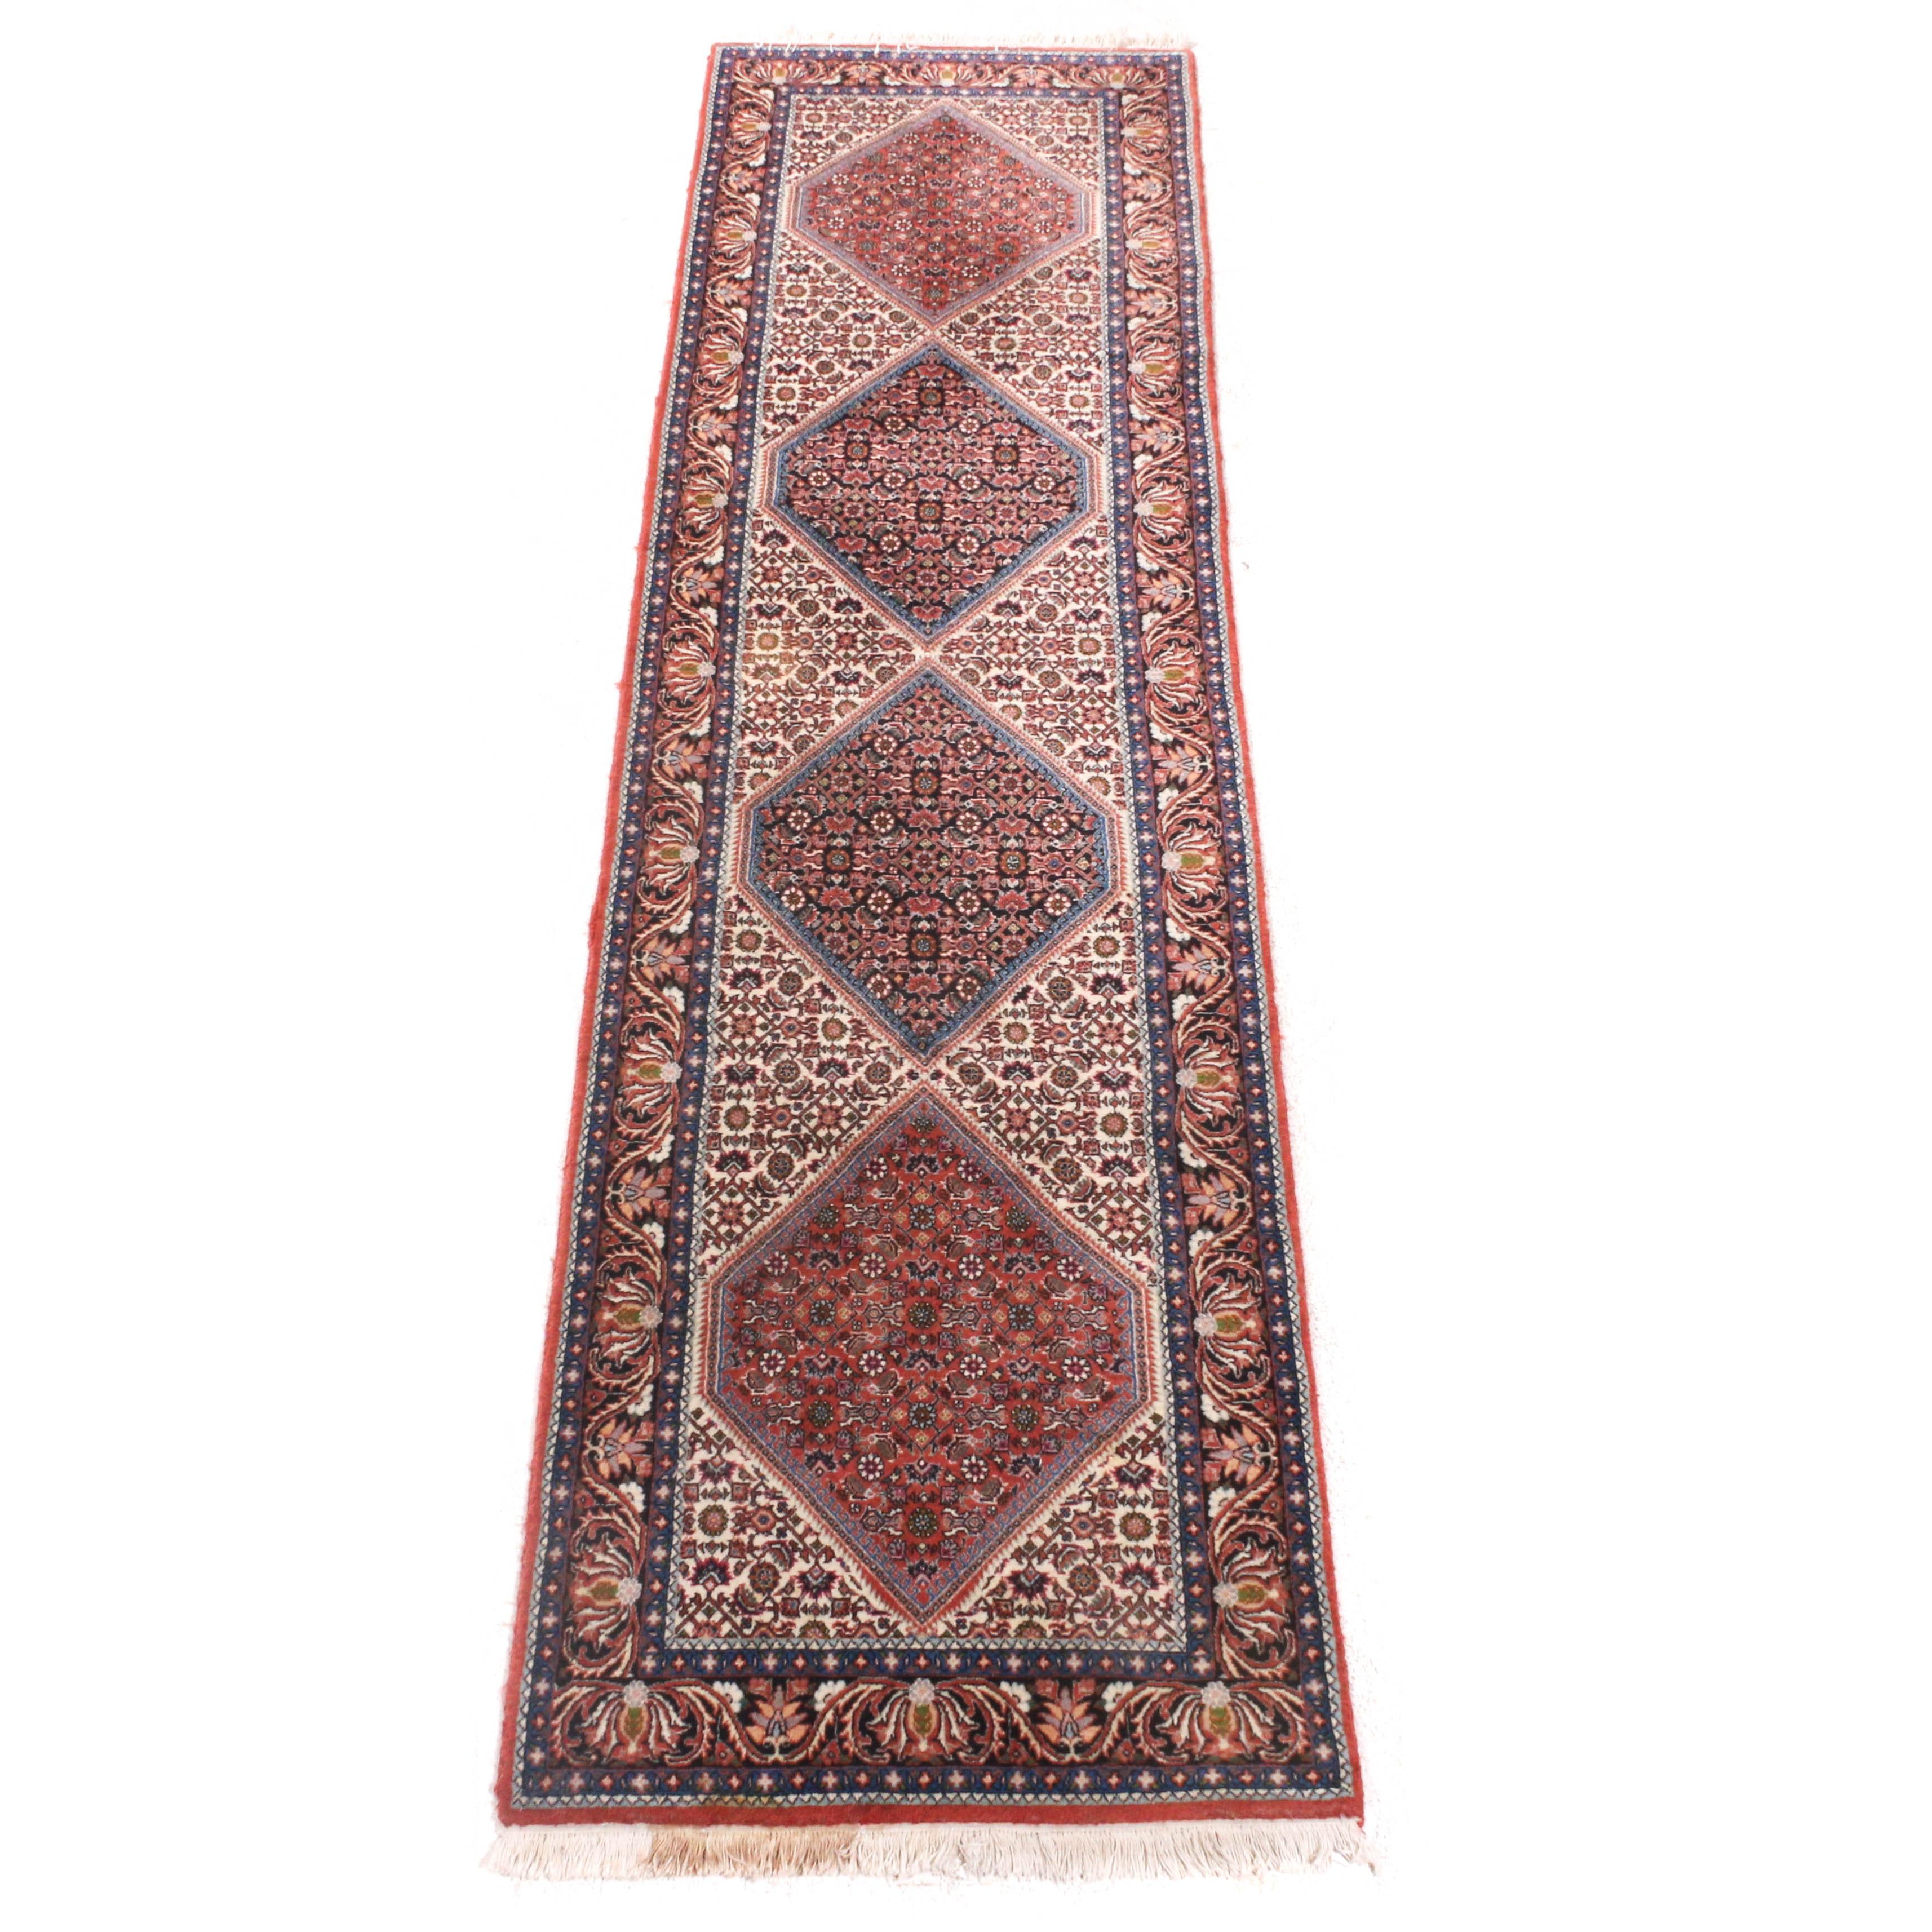 2'7 x 10'1 Hand-Knotted Persian Bijar Wool Carpet Runner